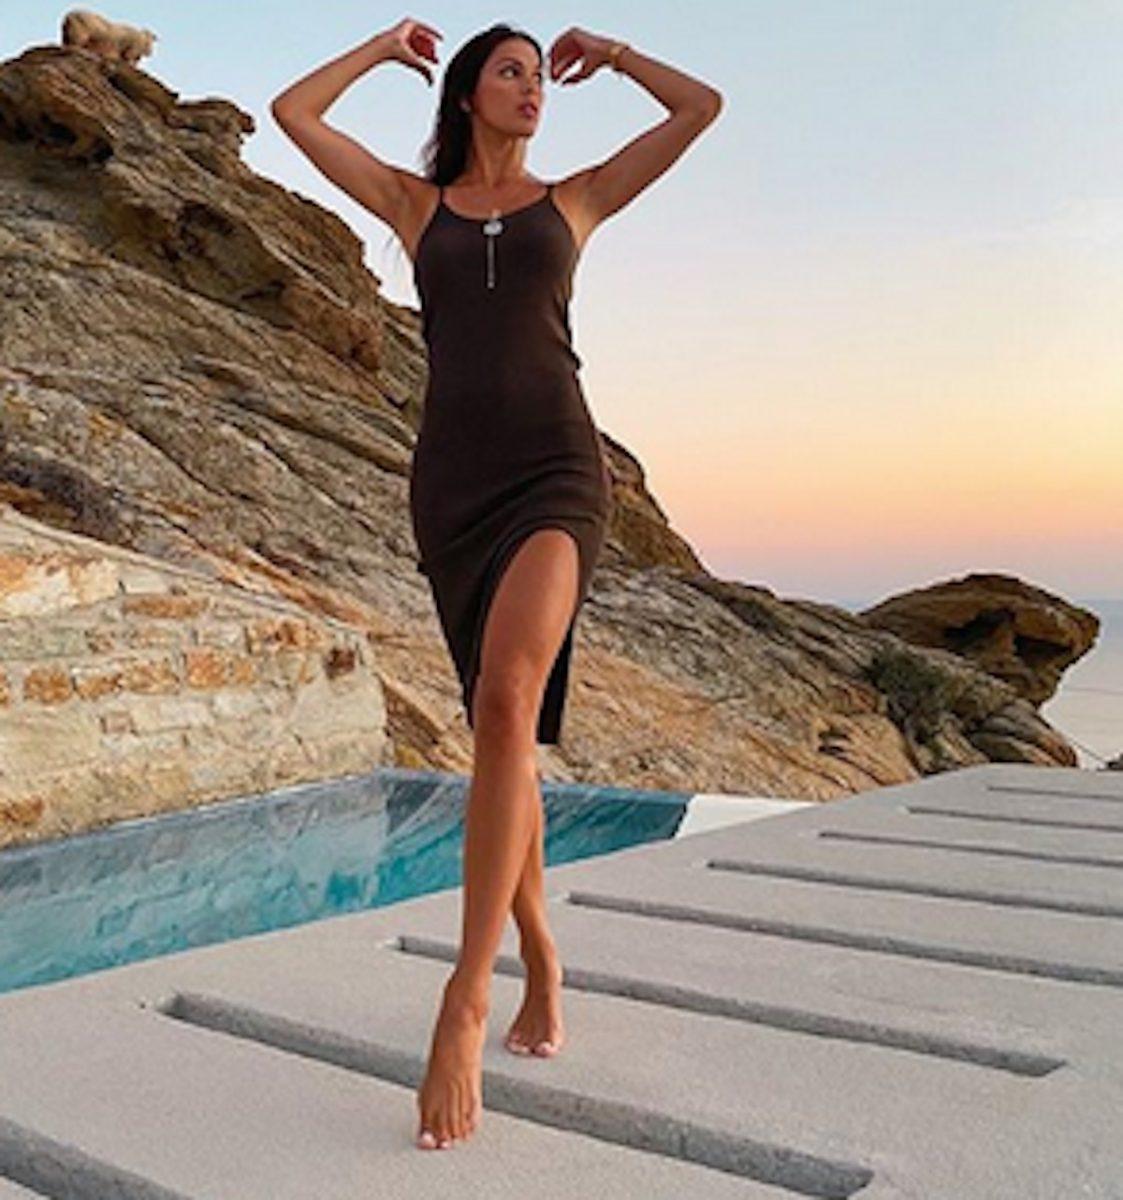 Iris Mittenaere affole la toile allongée en bikini près de l'eau au coucher du soleil